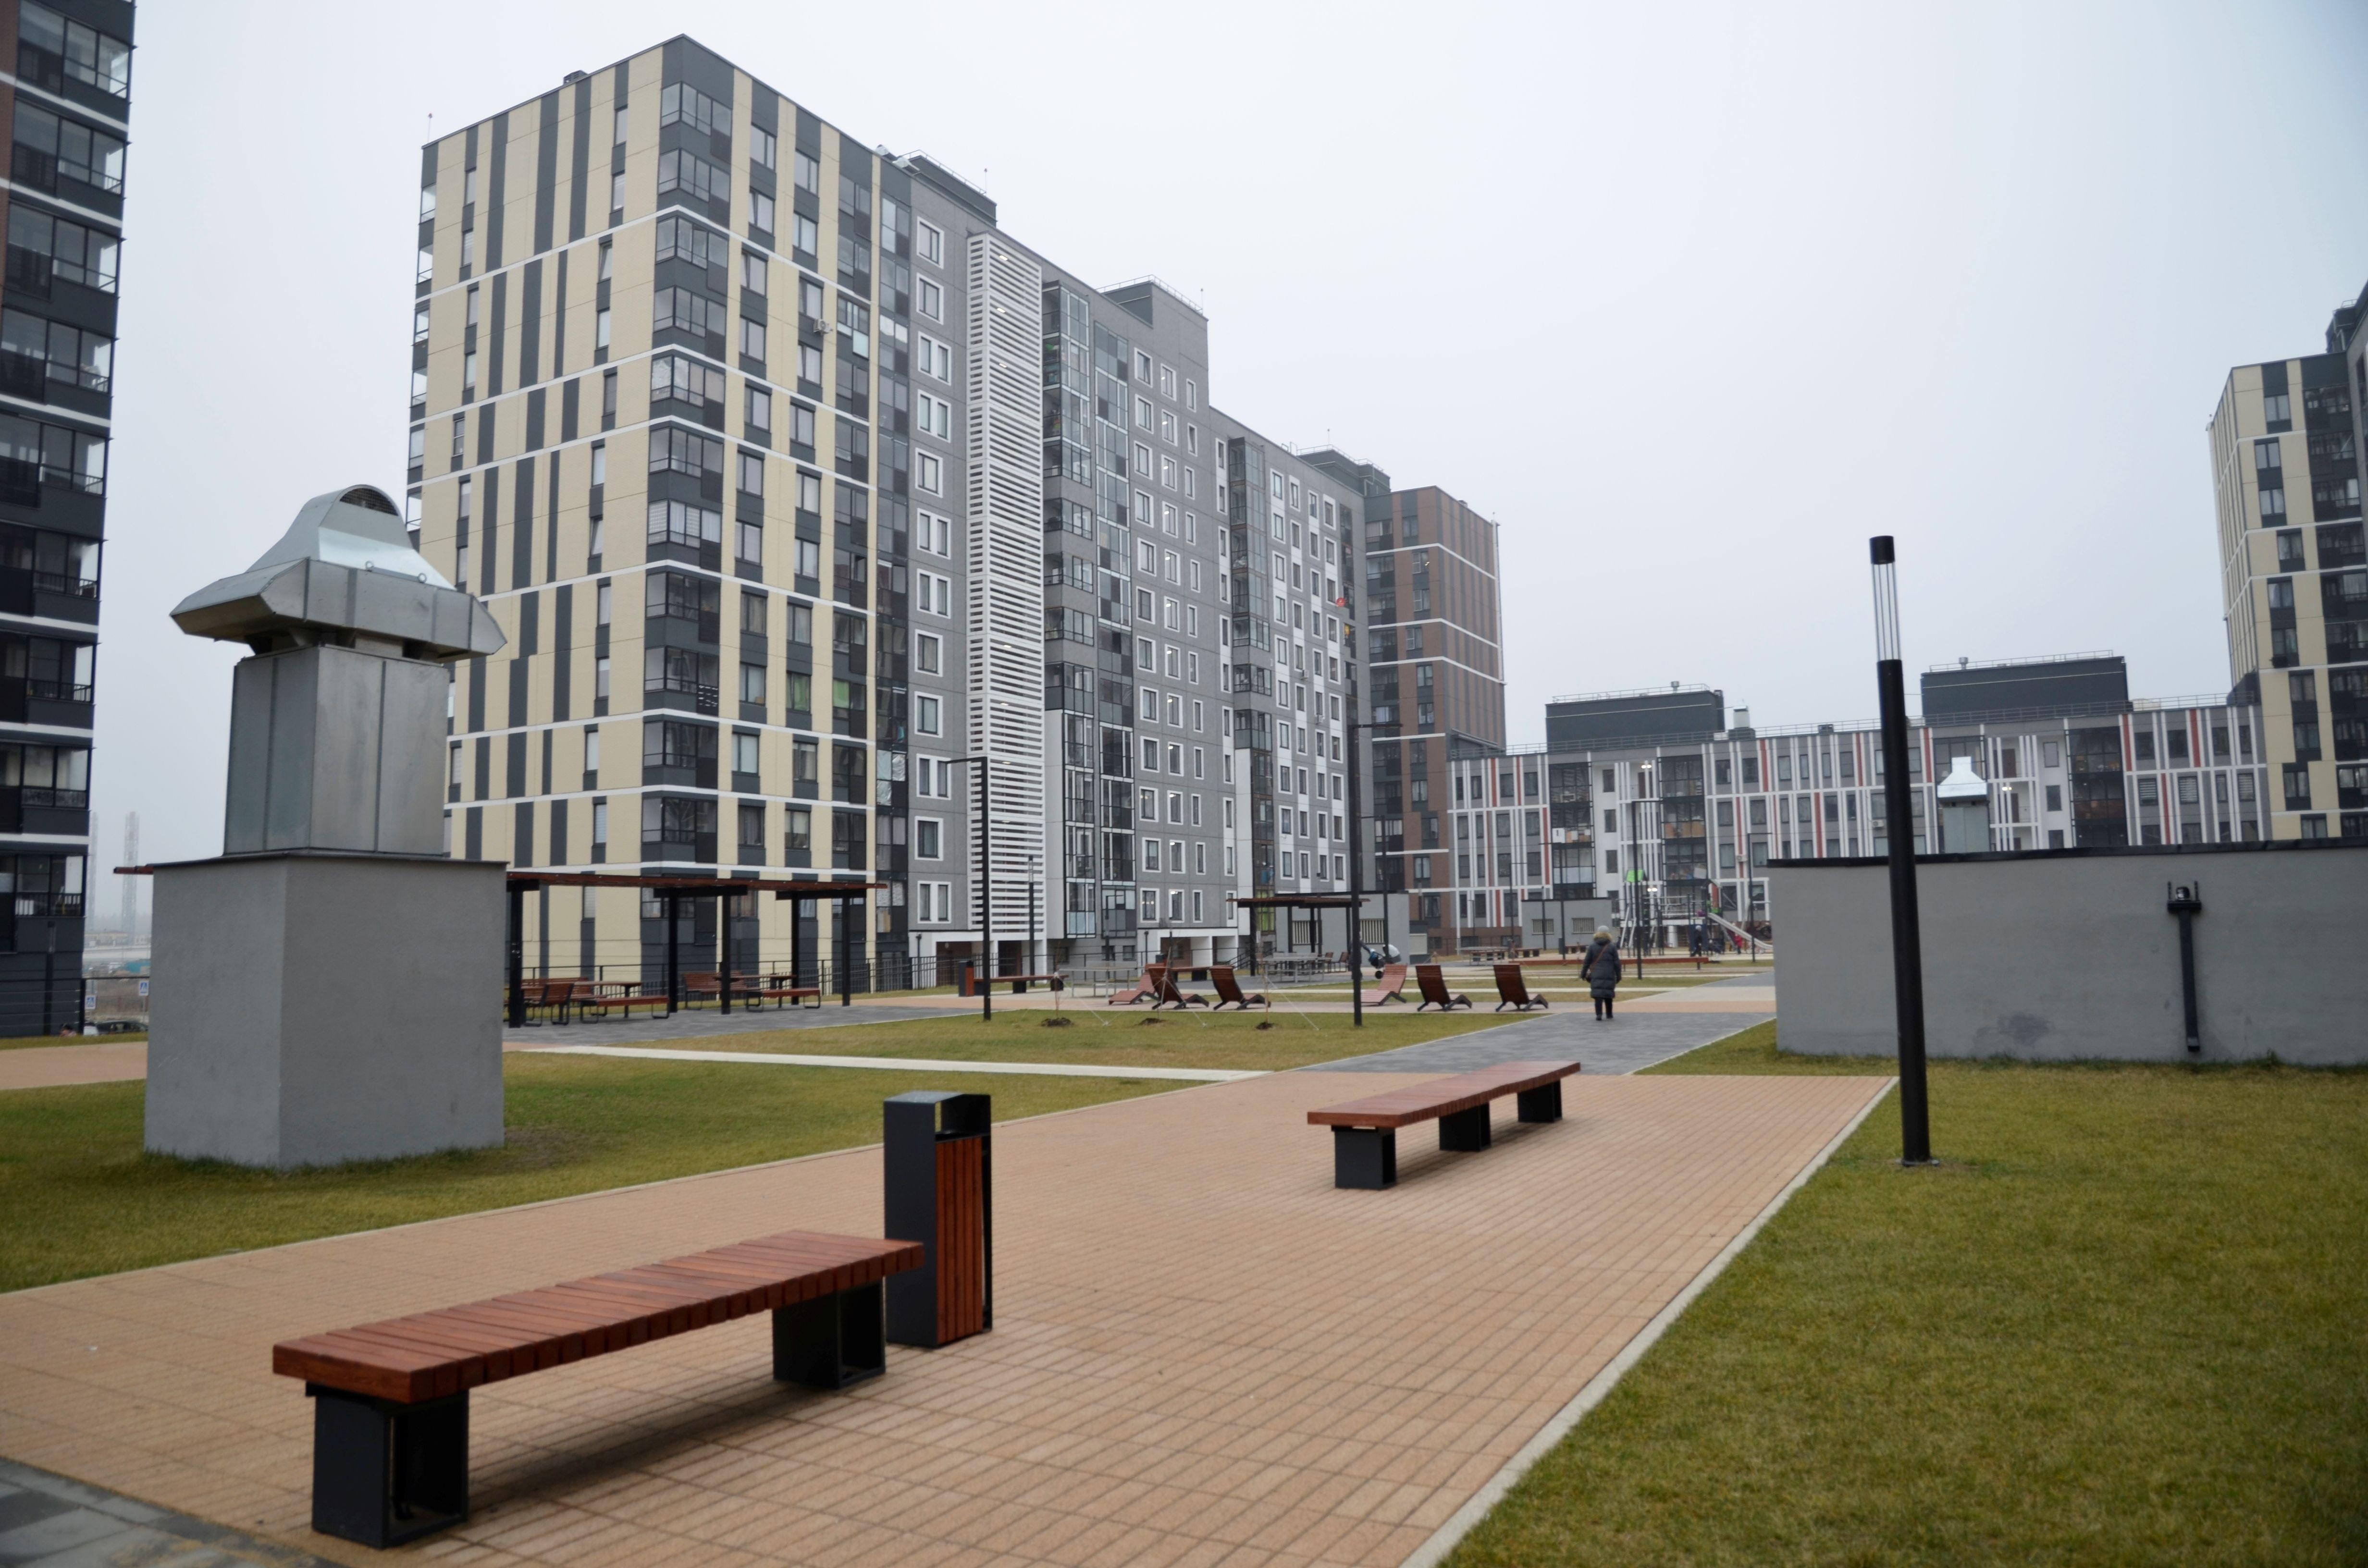 В первом поясе урбанизации Новой Москвы превалирующая часть — многоэтажные жилые здания. Фото: Анна Быкова